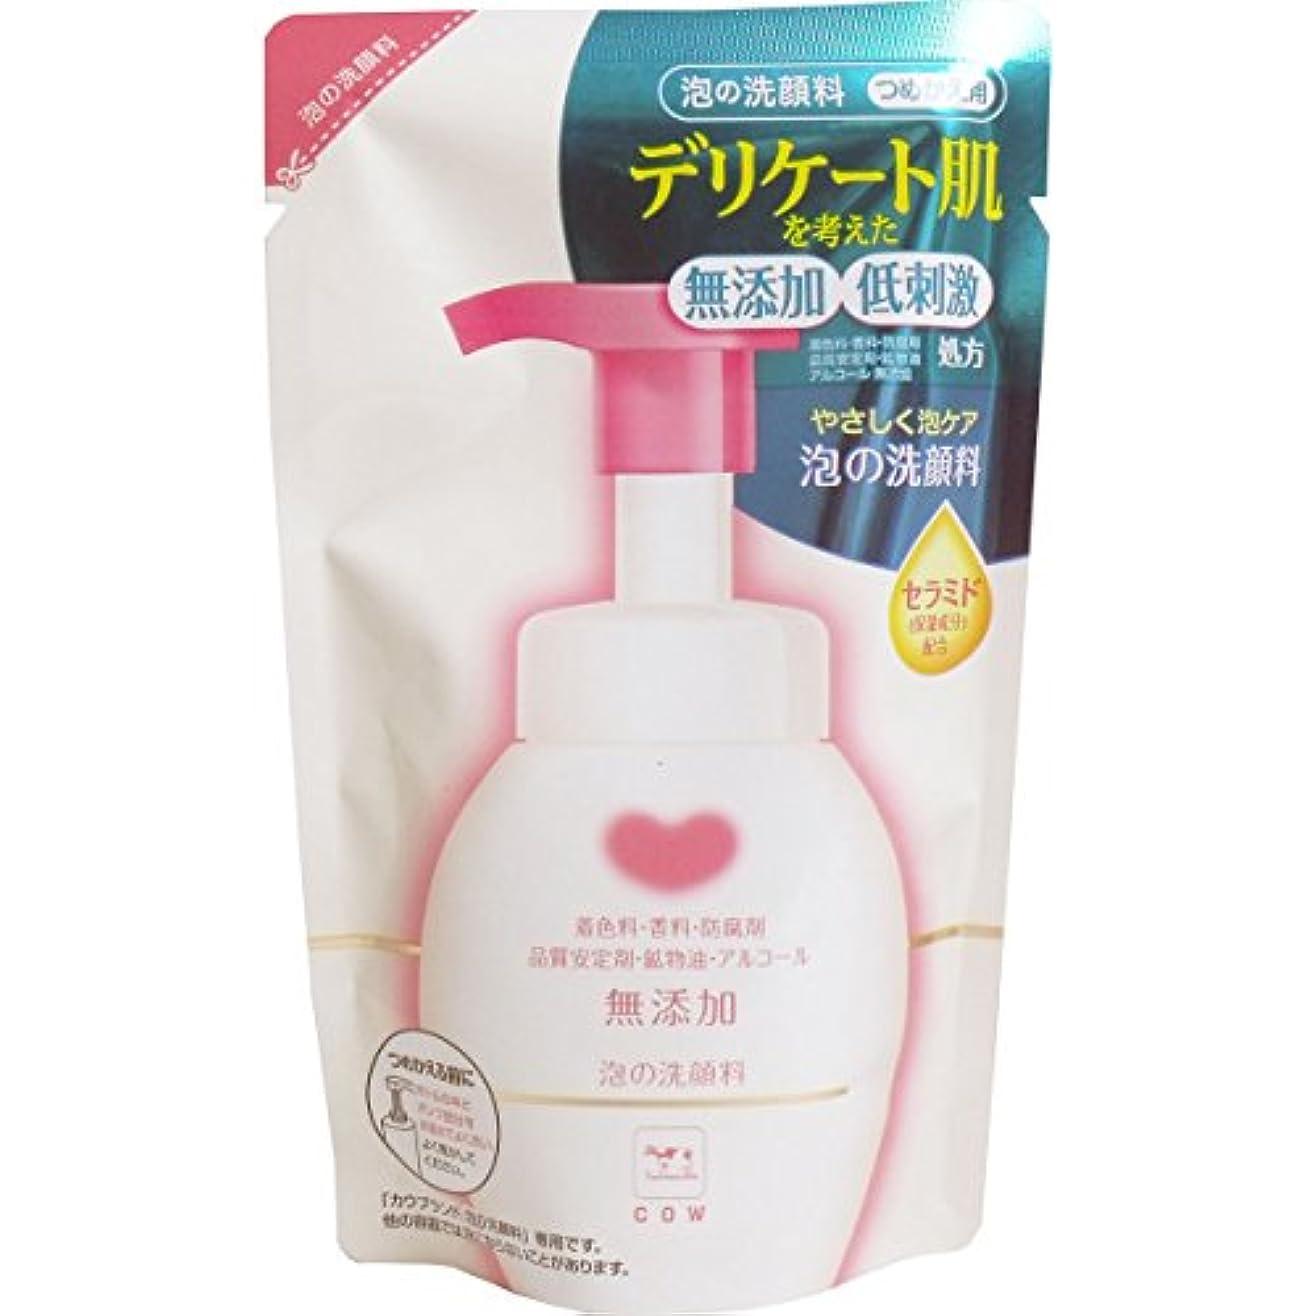 スーパーマーケット戦士表面カウブランド無添加泡の洗顔料詰替用 180mL【3個セット】